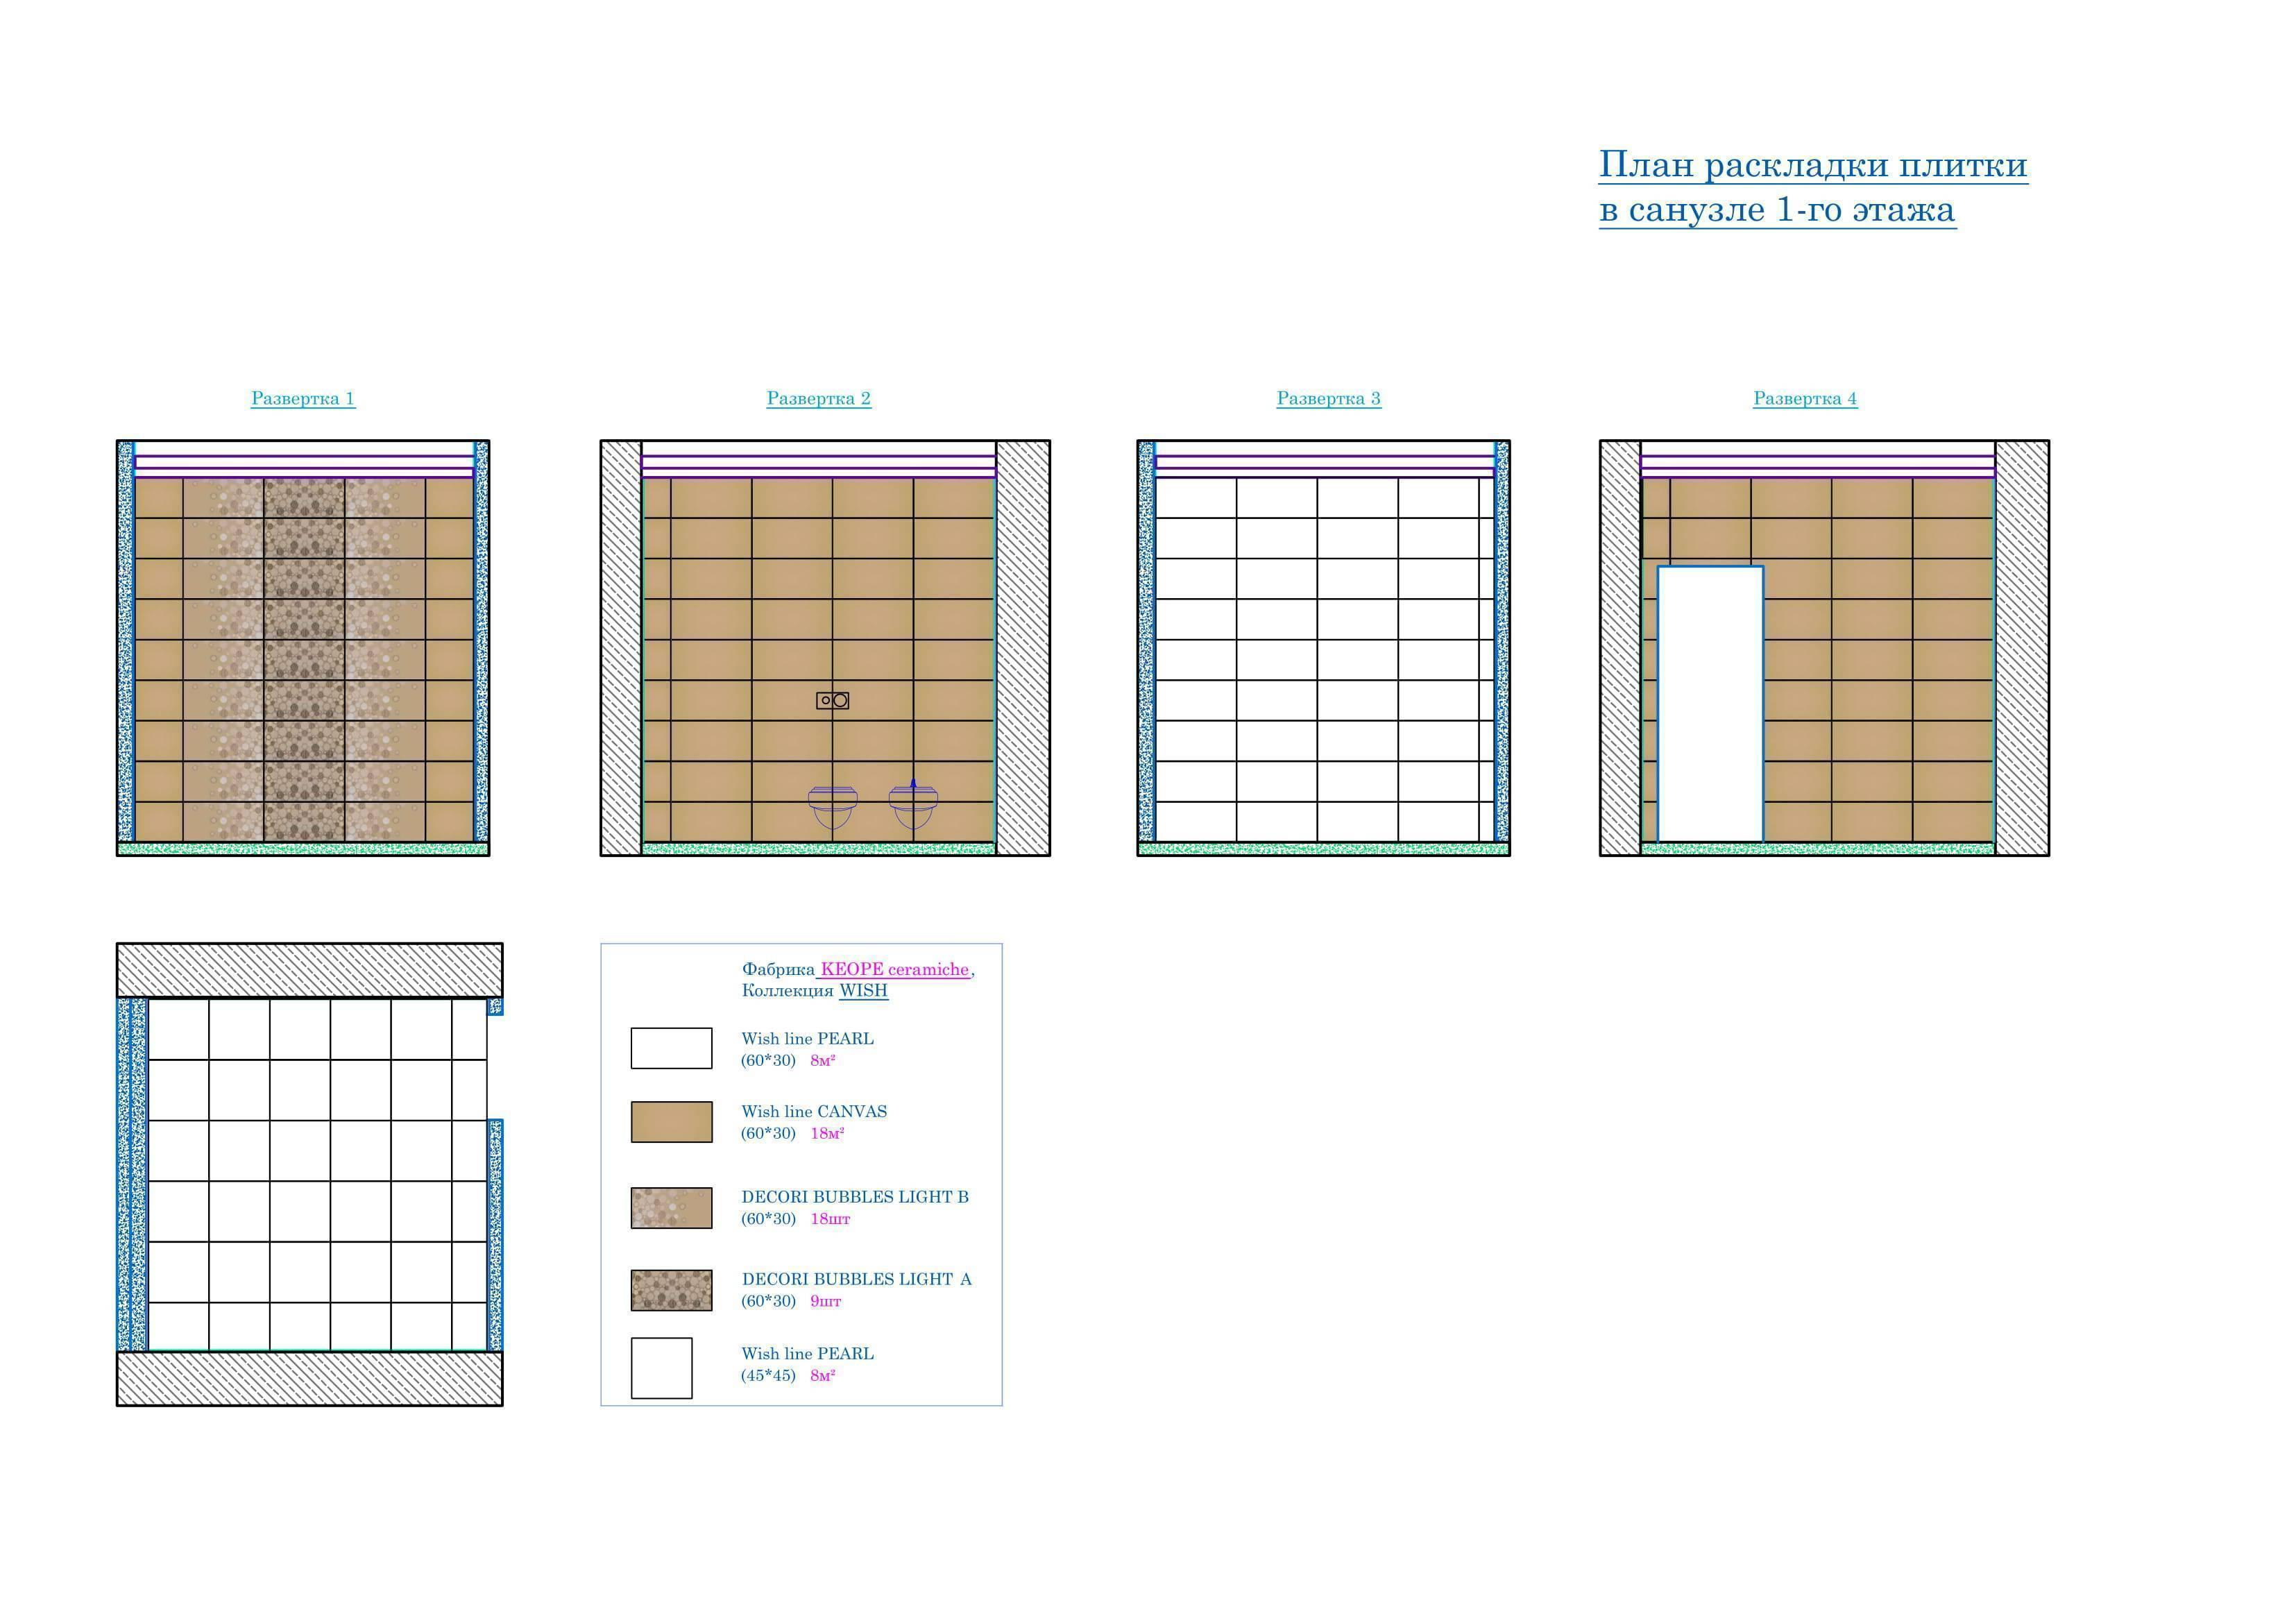 Планировщики ванной комнаты 3d: онлайн планировка самостоятельно, икеа, леруа мерлен, бесплатные программы на русском